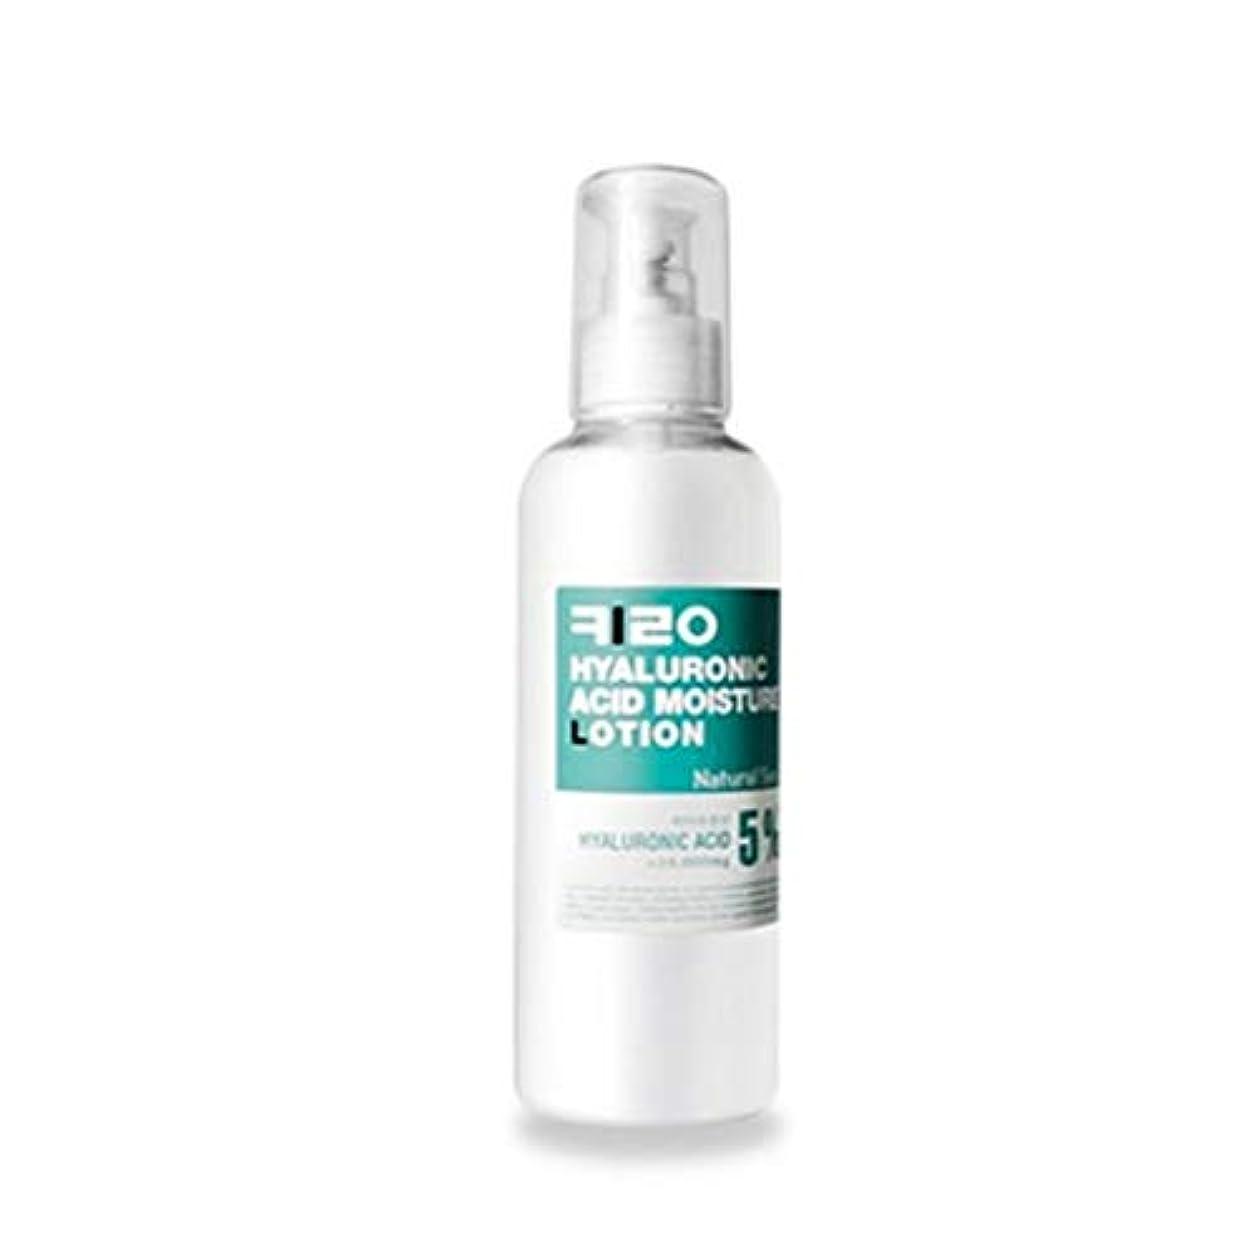 フロンティアスポーツマンヶ月目ナチュラルSooキーロヒアルロン酸モイスチャーローション200g韓国コスメ、Natural Soo Hyaluronic Acid Moisture Lotion 200g Korean Cosmetics [並行輸入品]